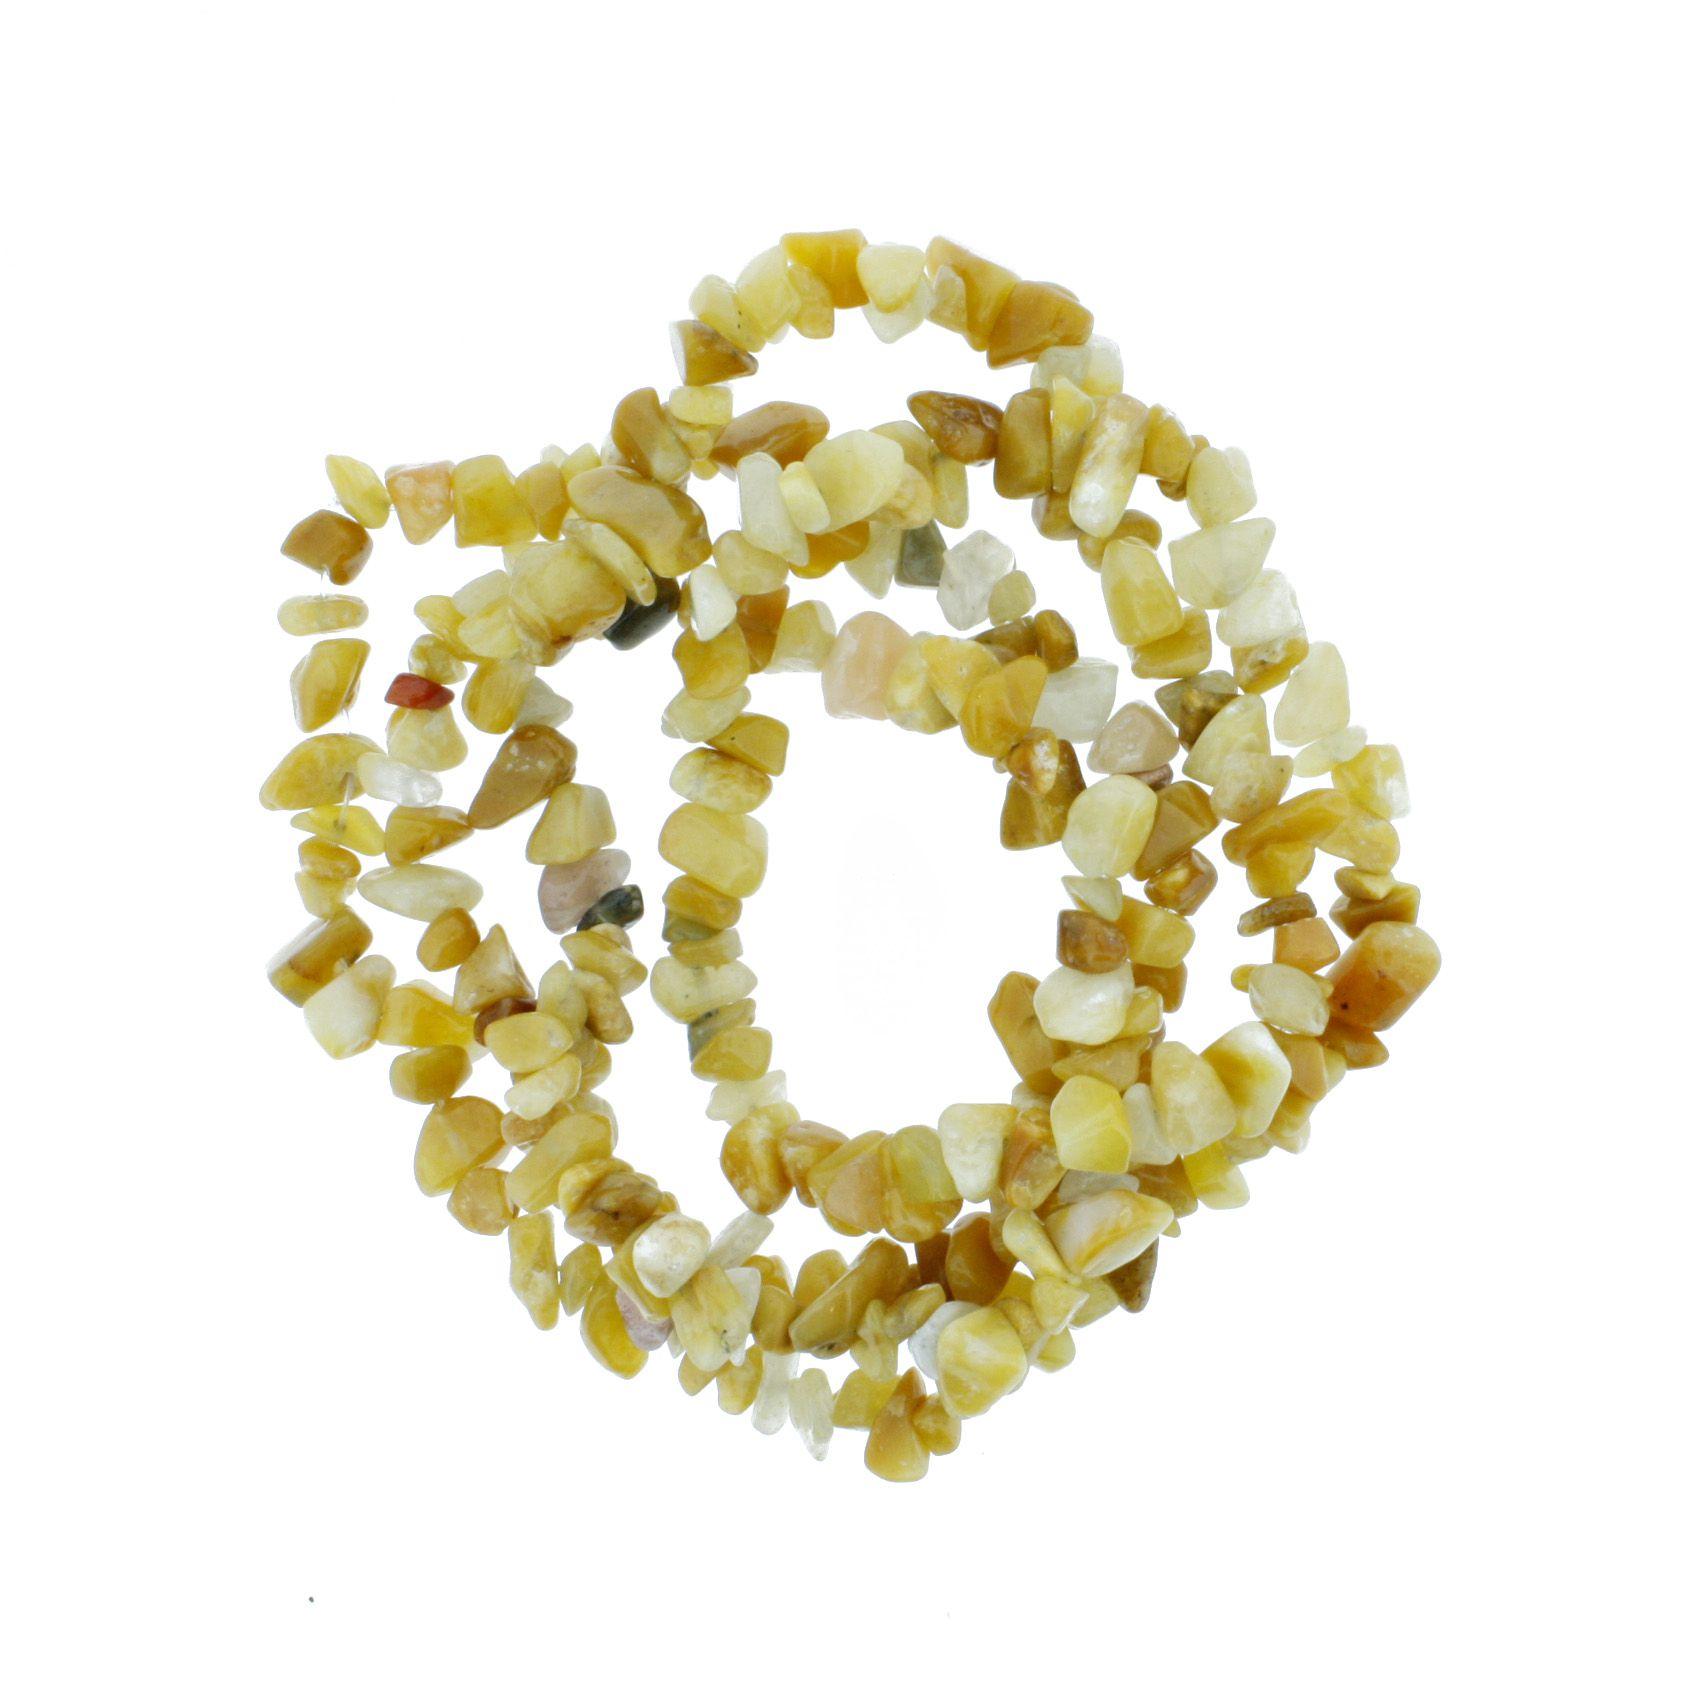 Fio de Cascalho - Stone® - Ágata Amarela  - Stéphanie Bijoux® - Peças para Bijuterias e Artesanato